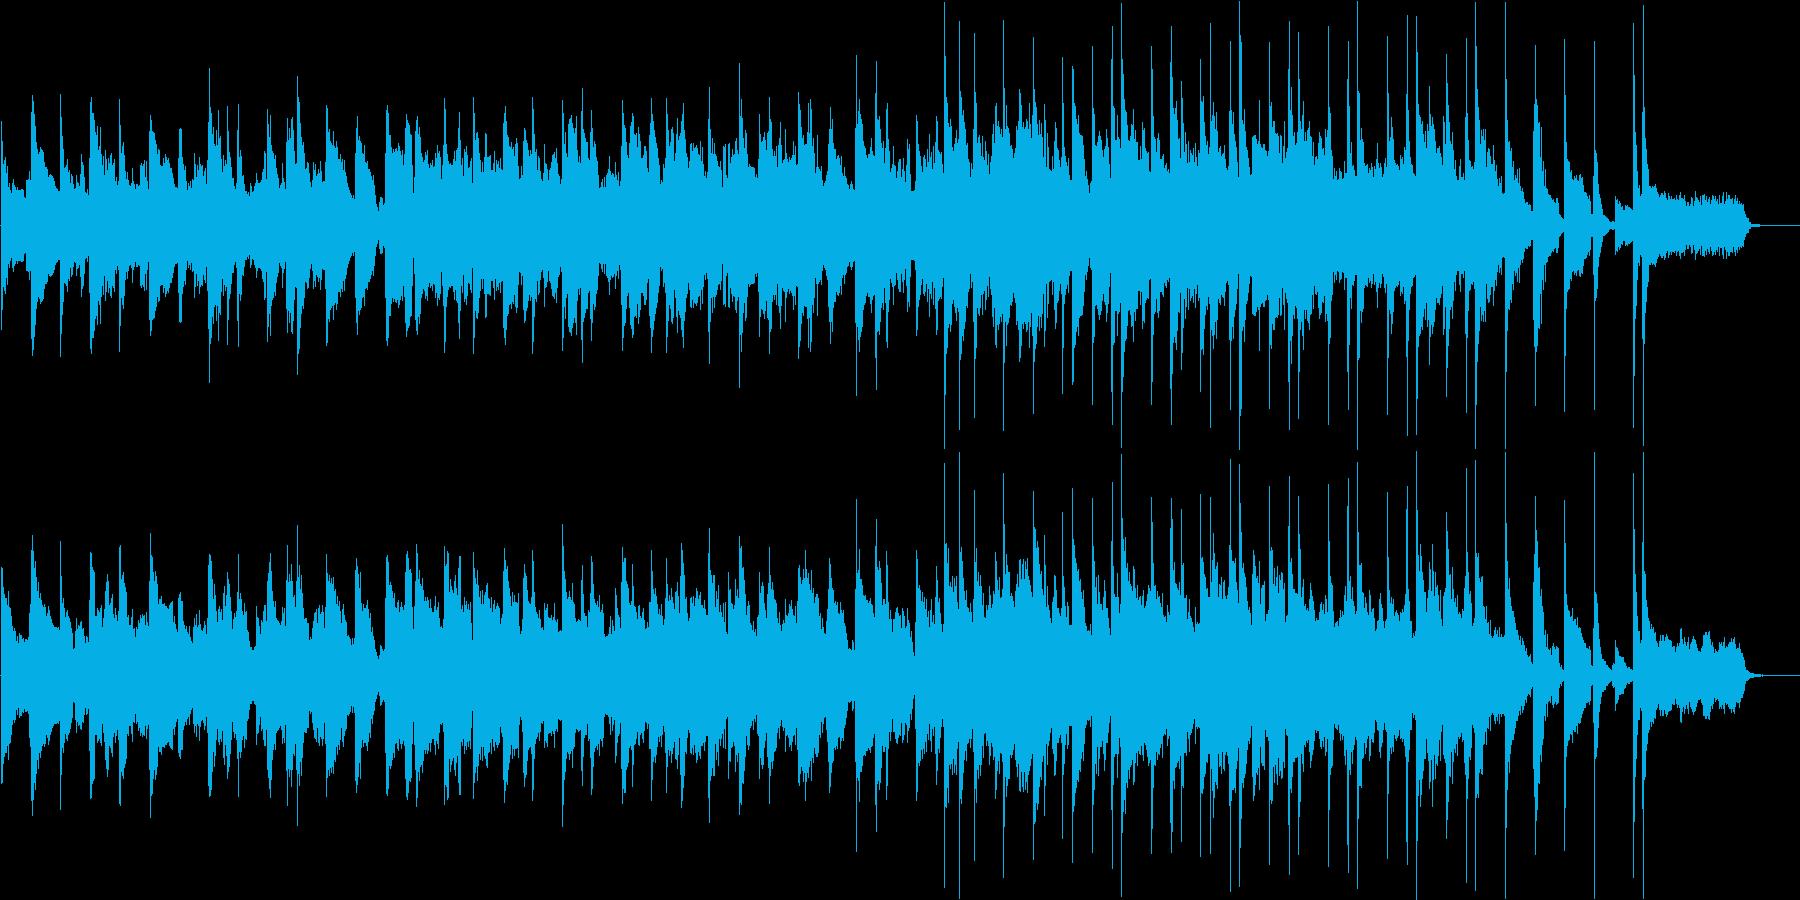 サックスとピアノのお洒落なジャズバラードの再生済みの波形